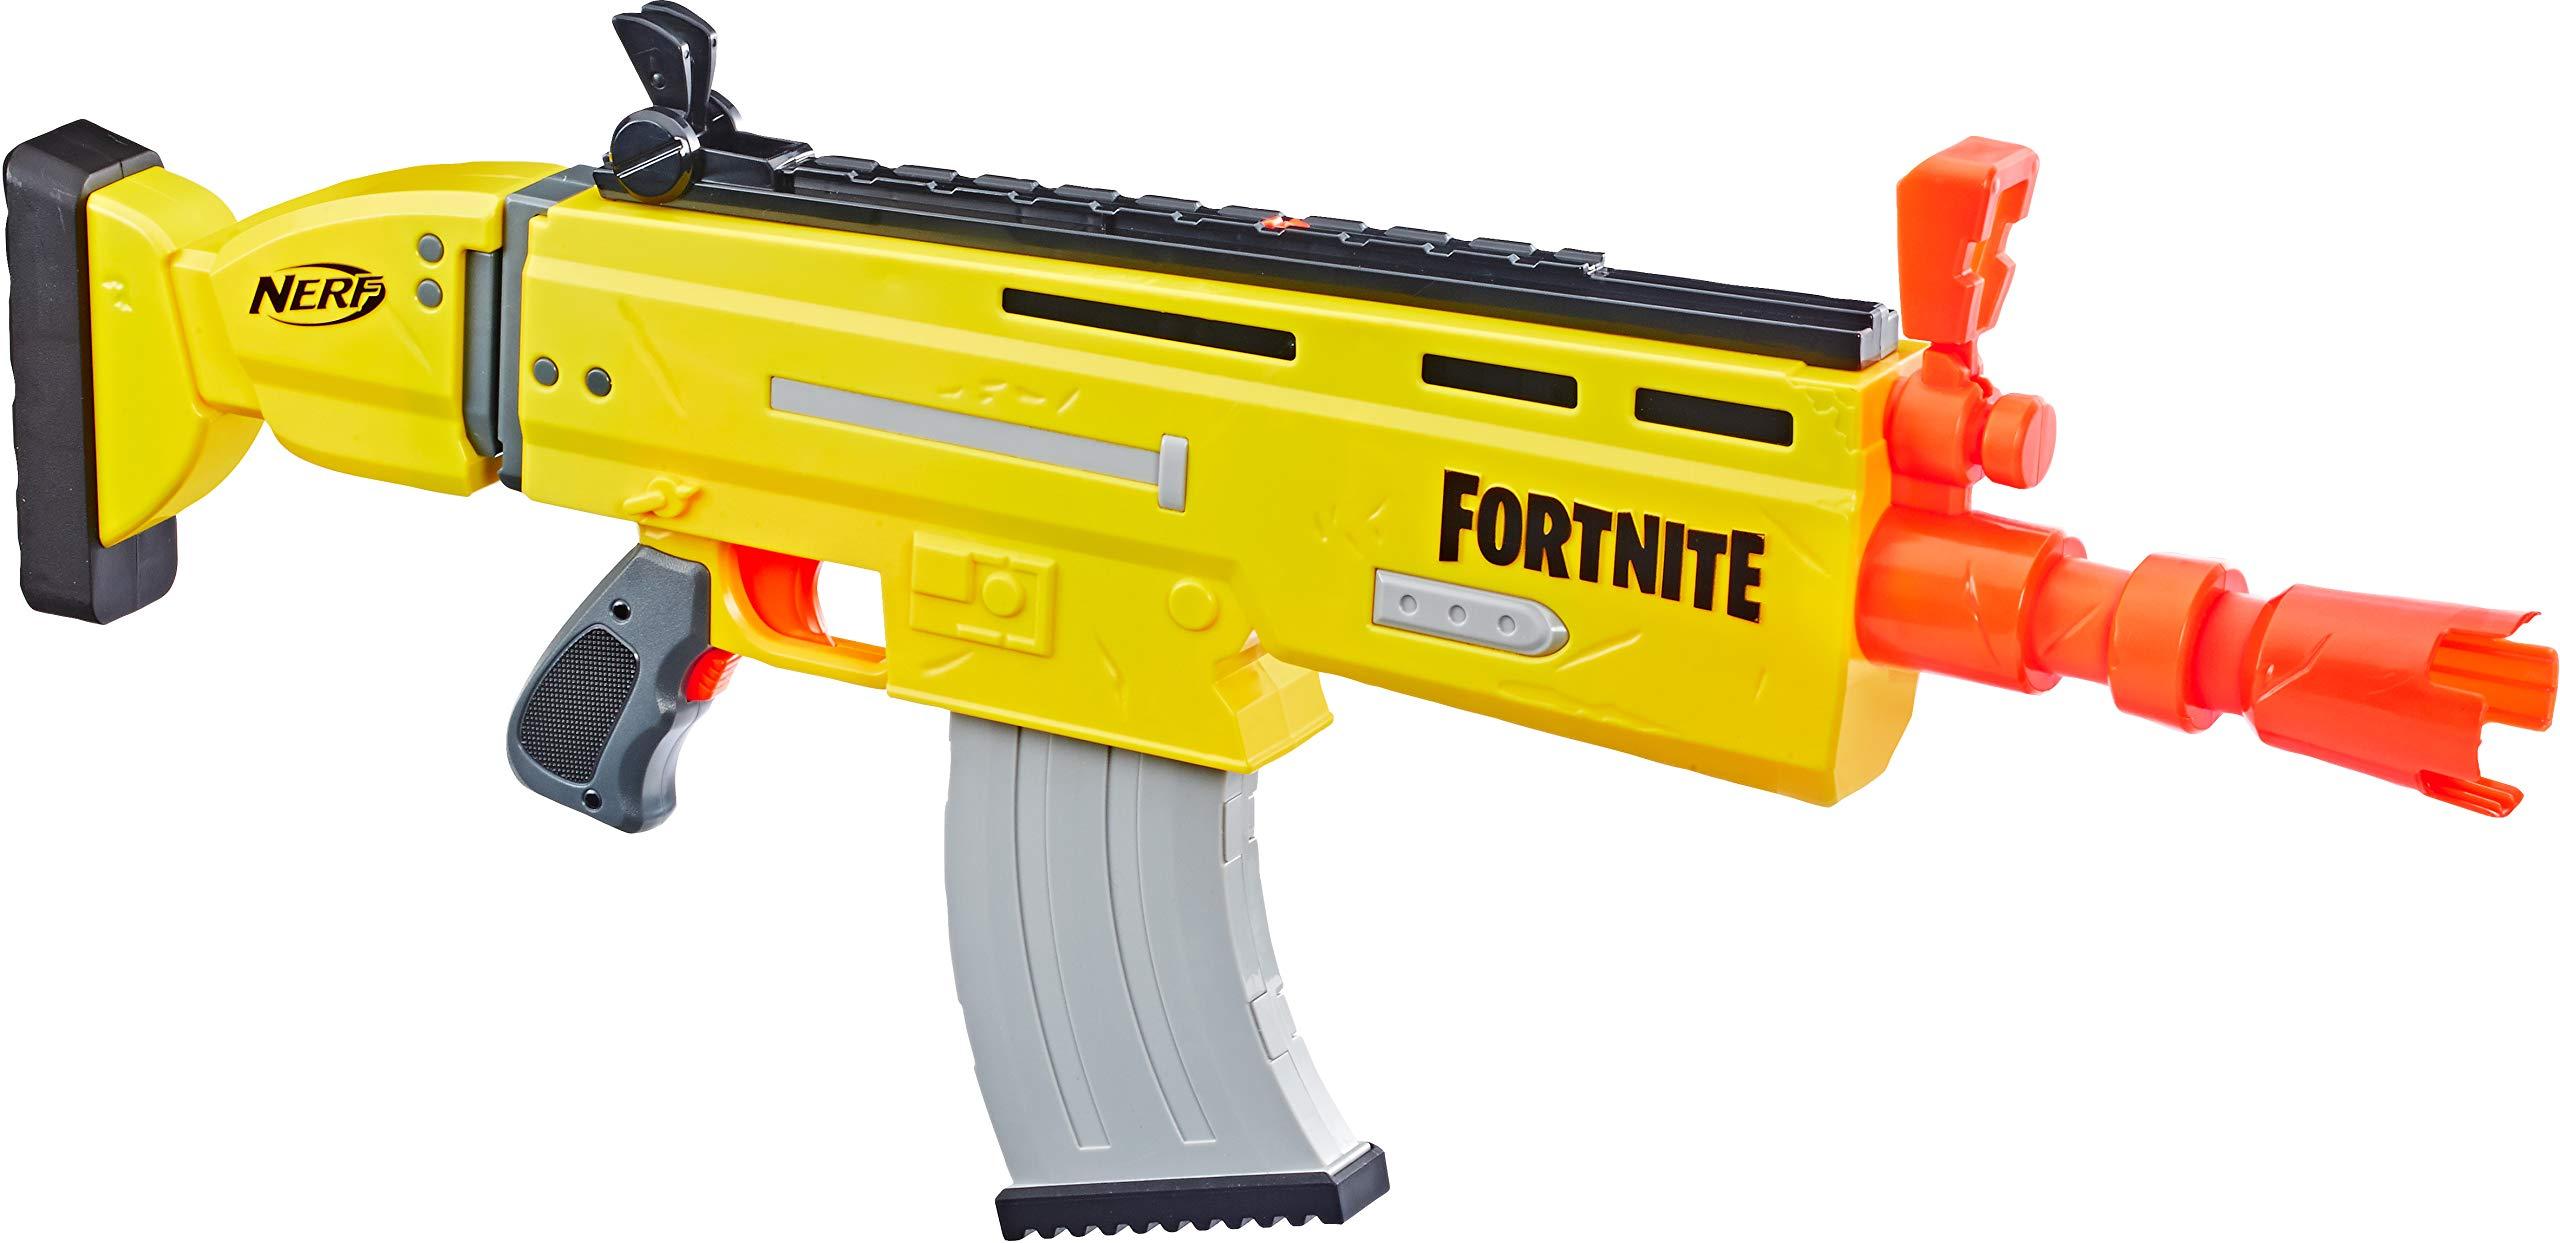 NERF Fortnite AR L Elite Blaster